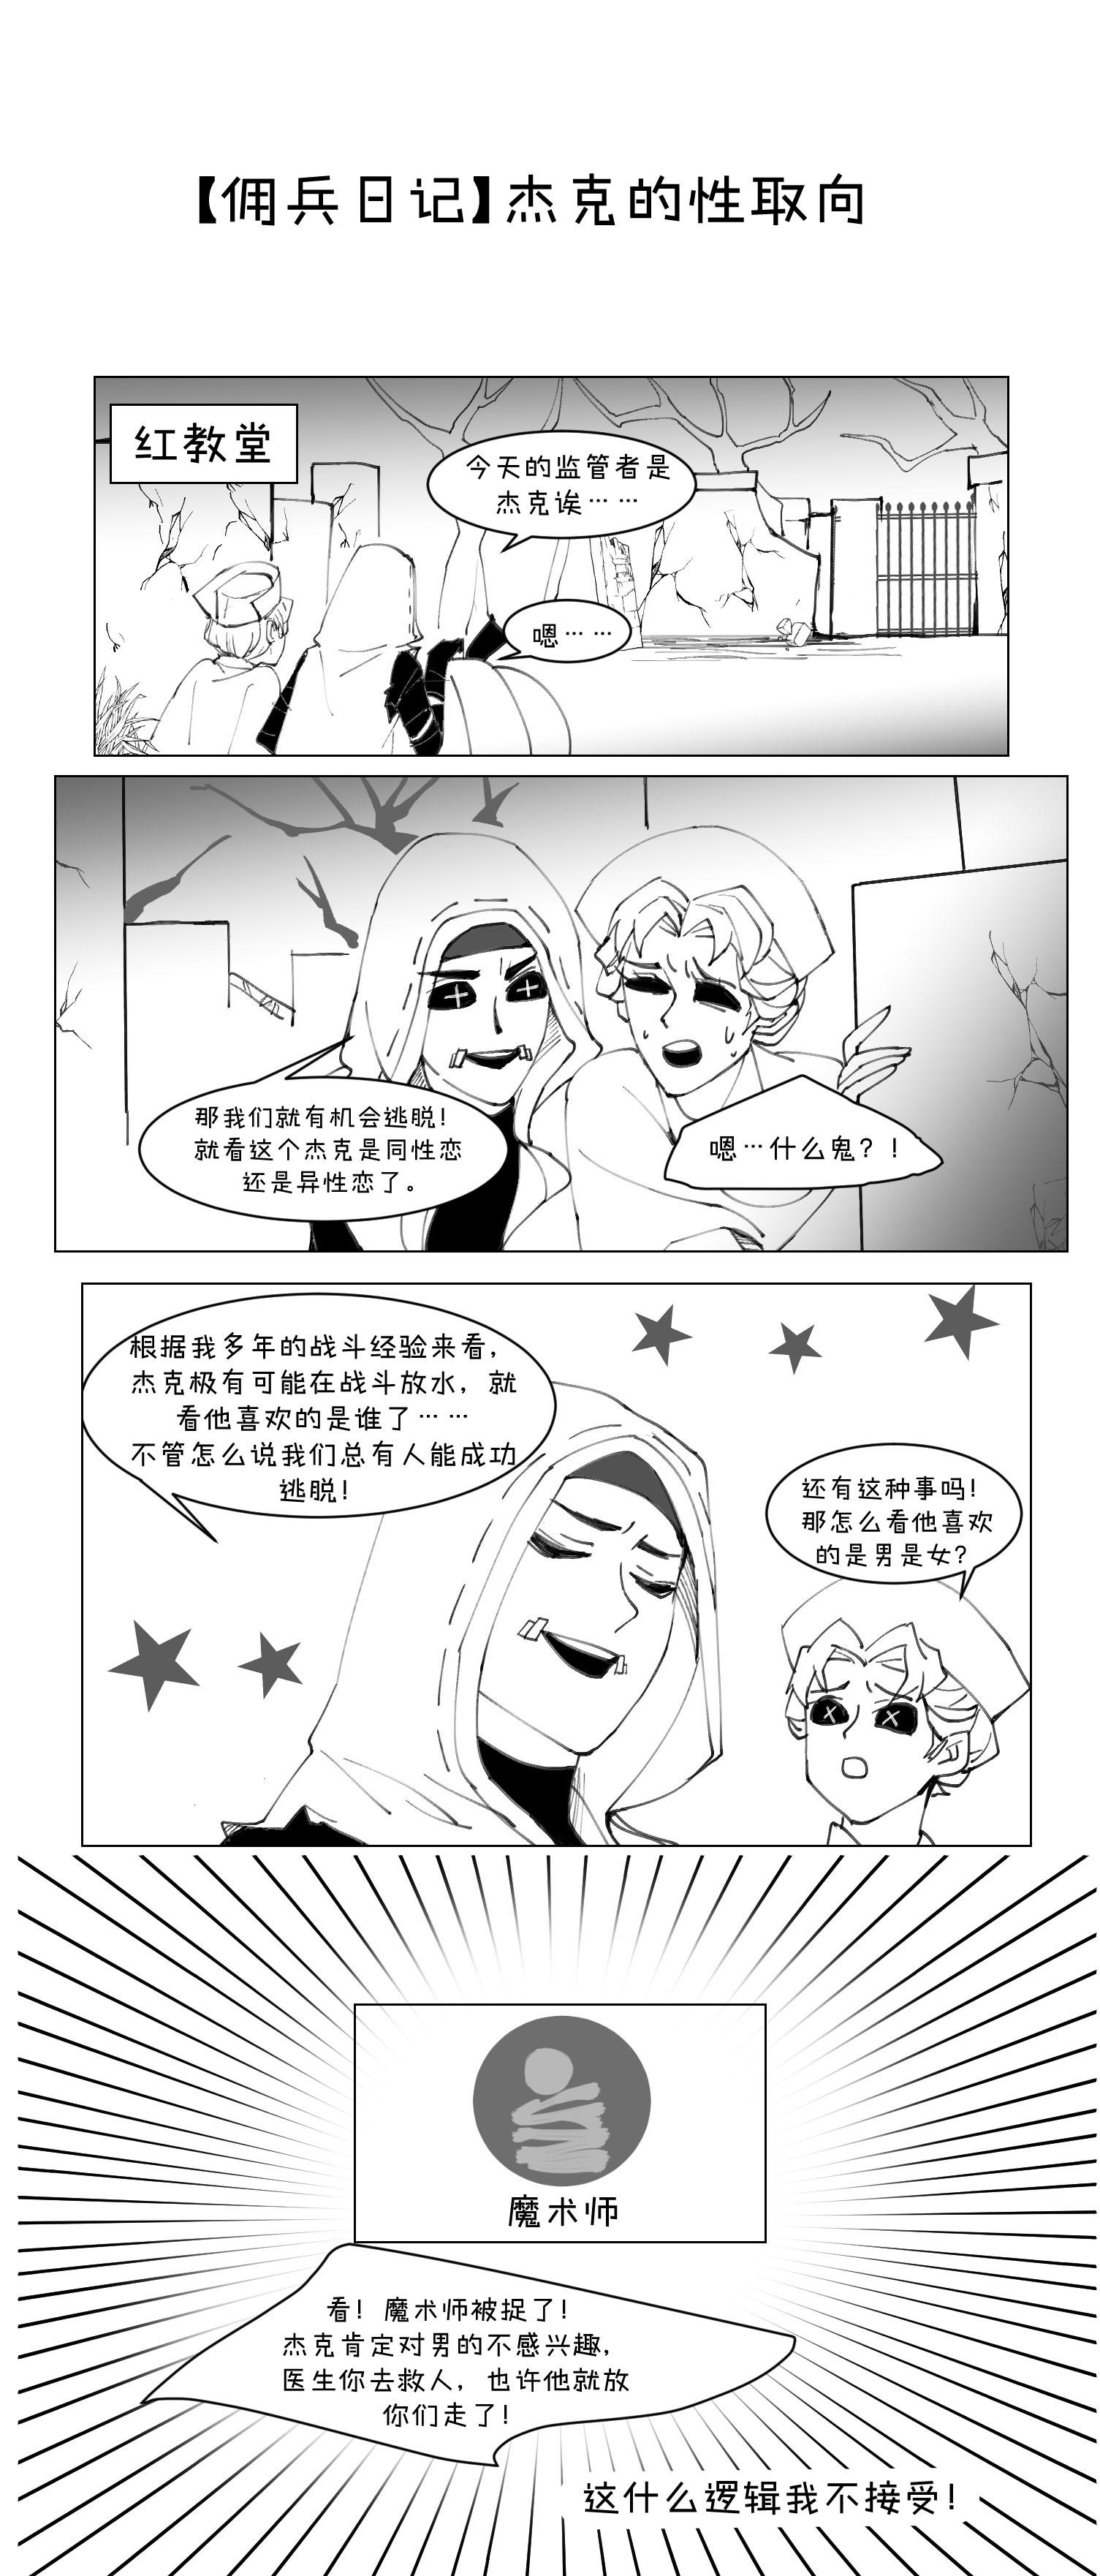 【佣兵日记①】杰克的性取向